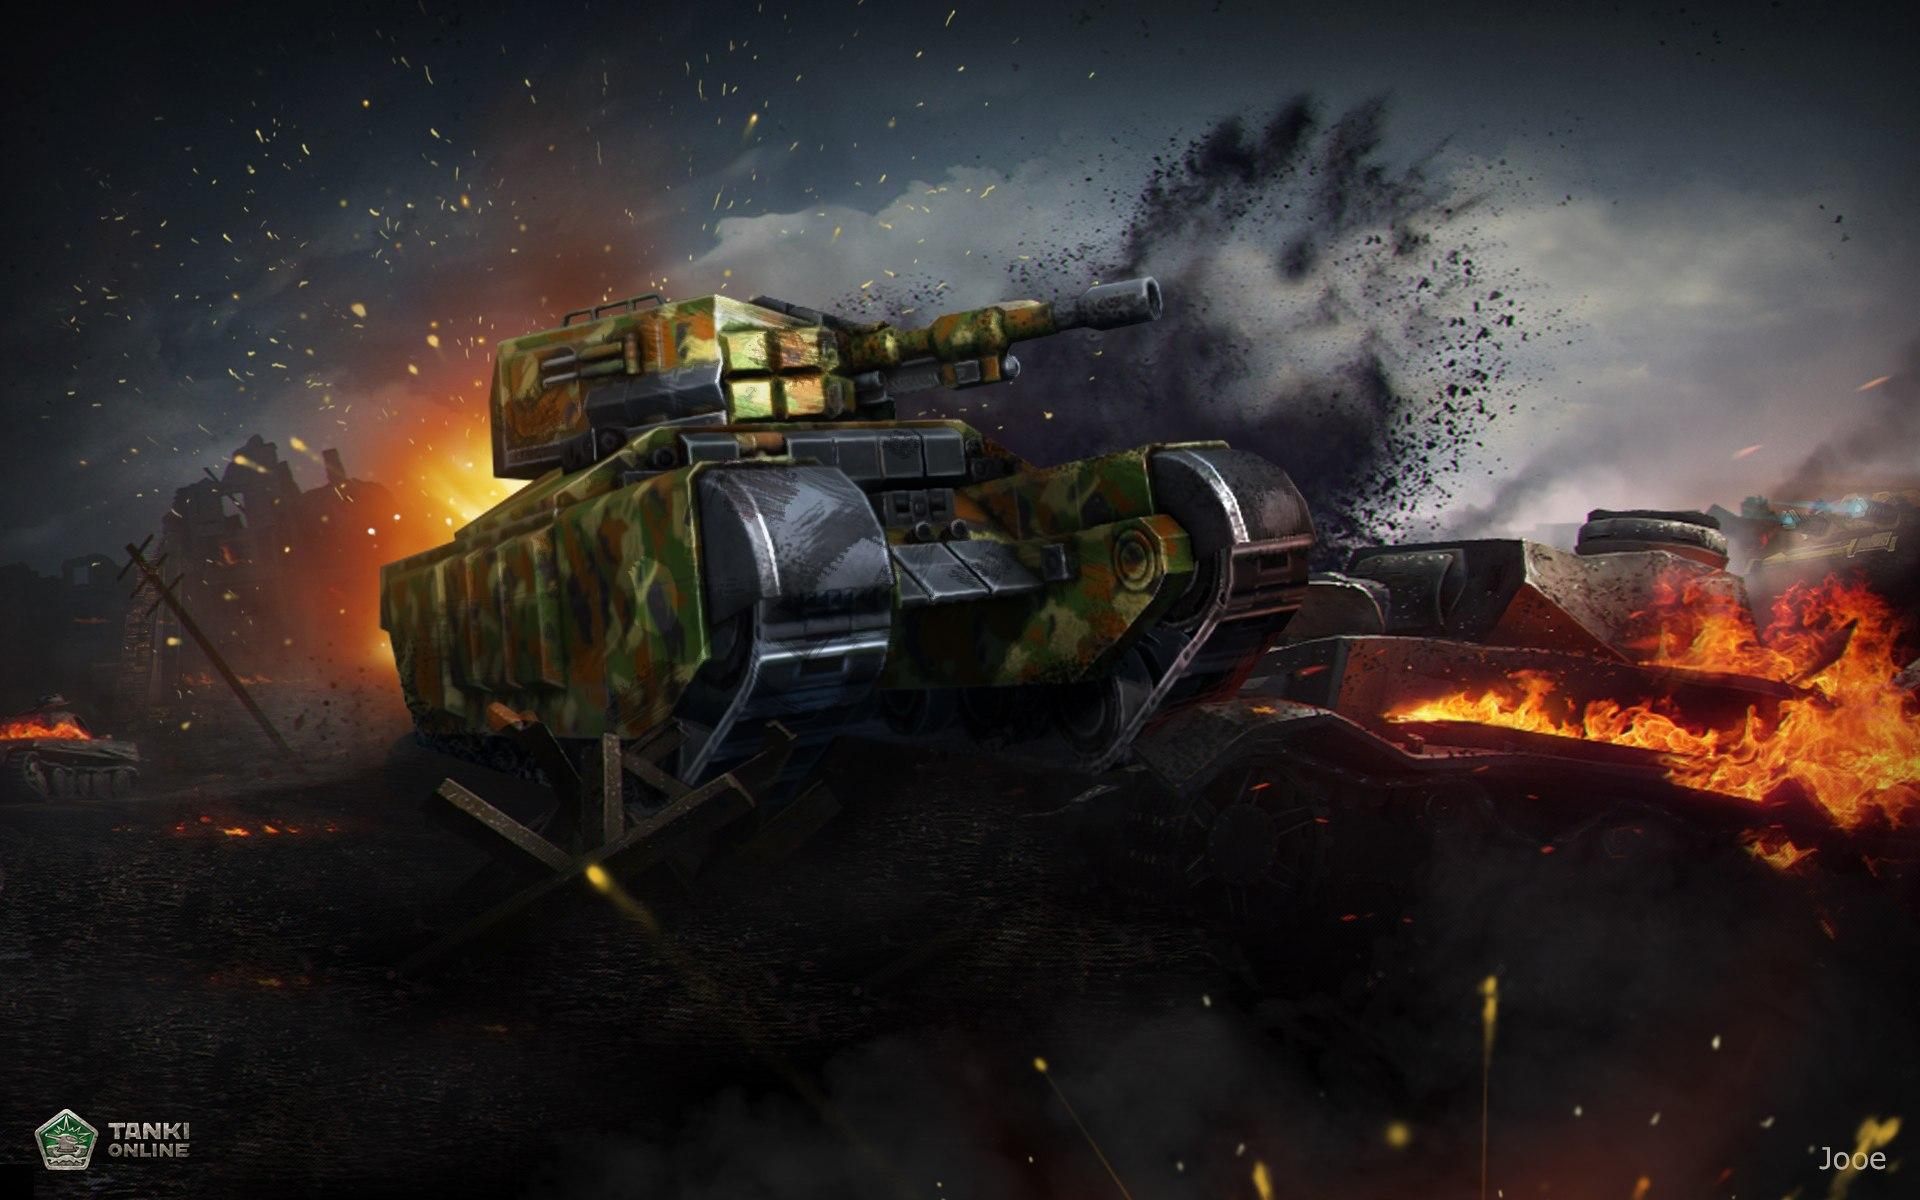 Звони, крутые картинки про танки онлайн